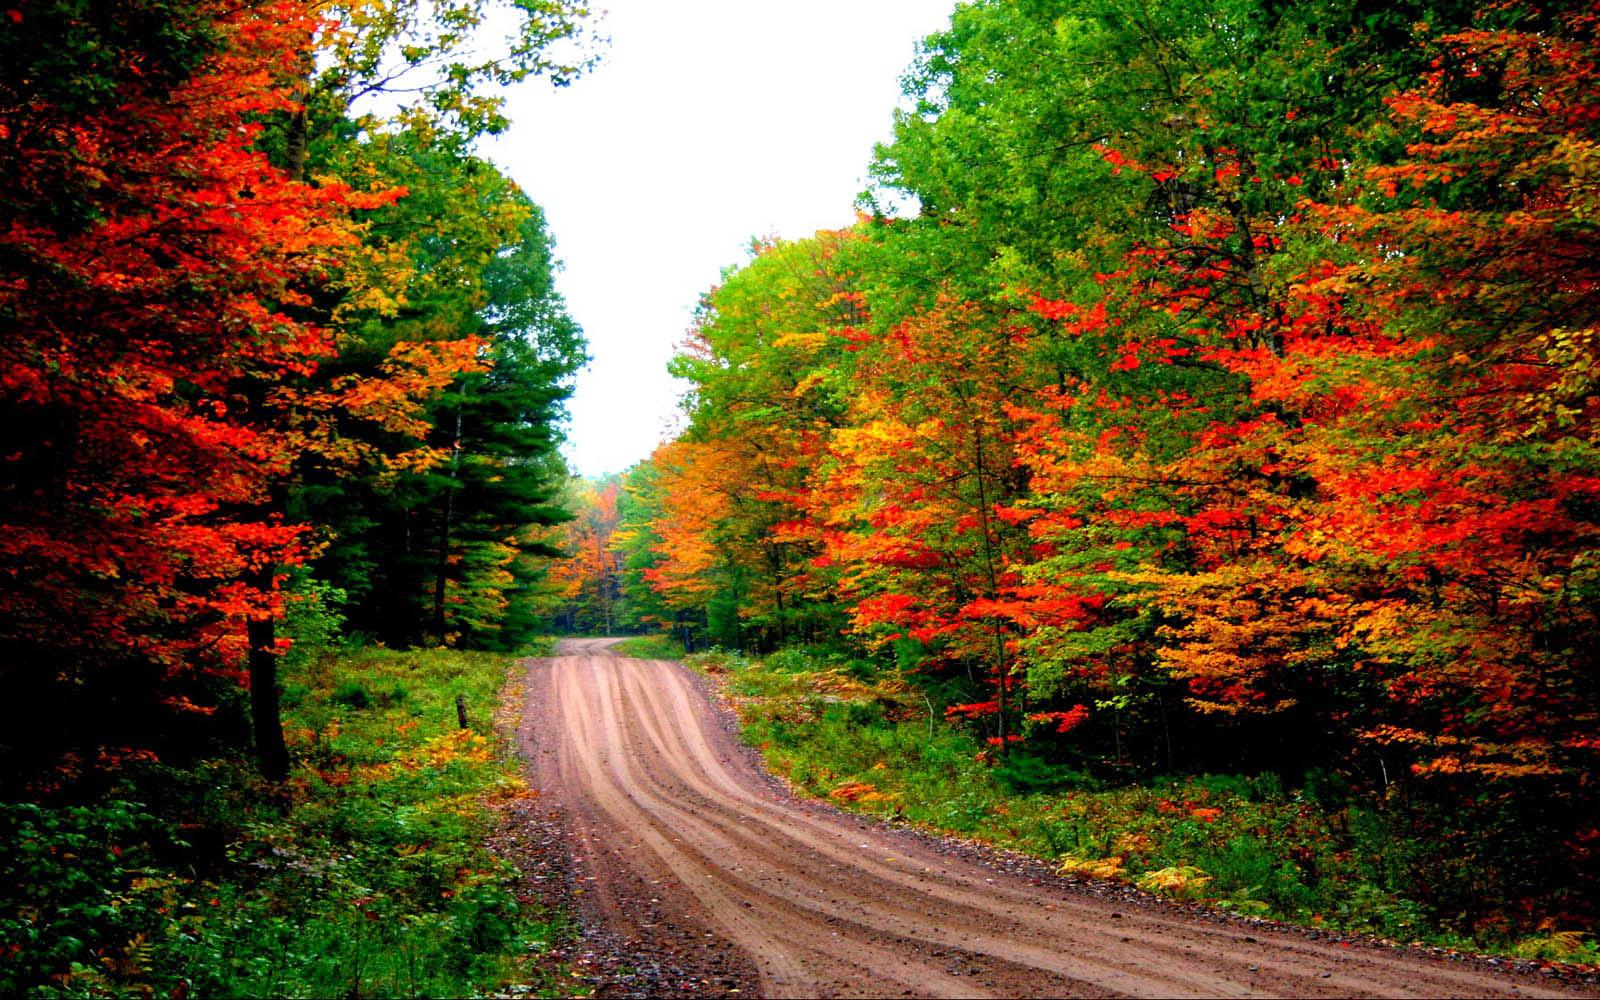 Autumn Road Wallpaper 7018495